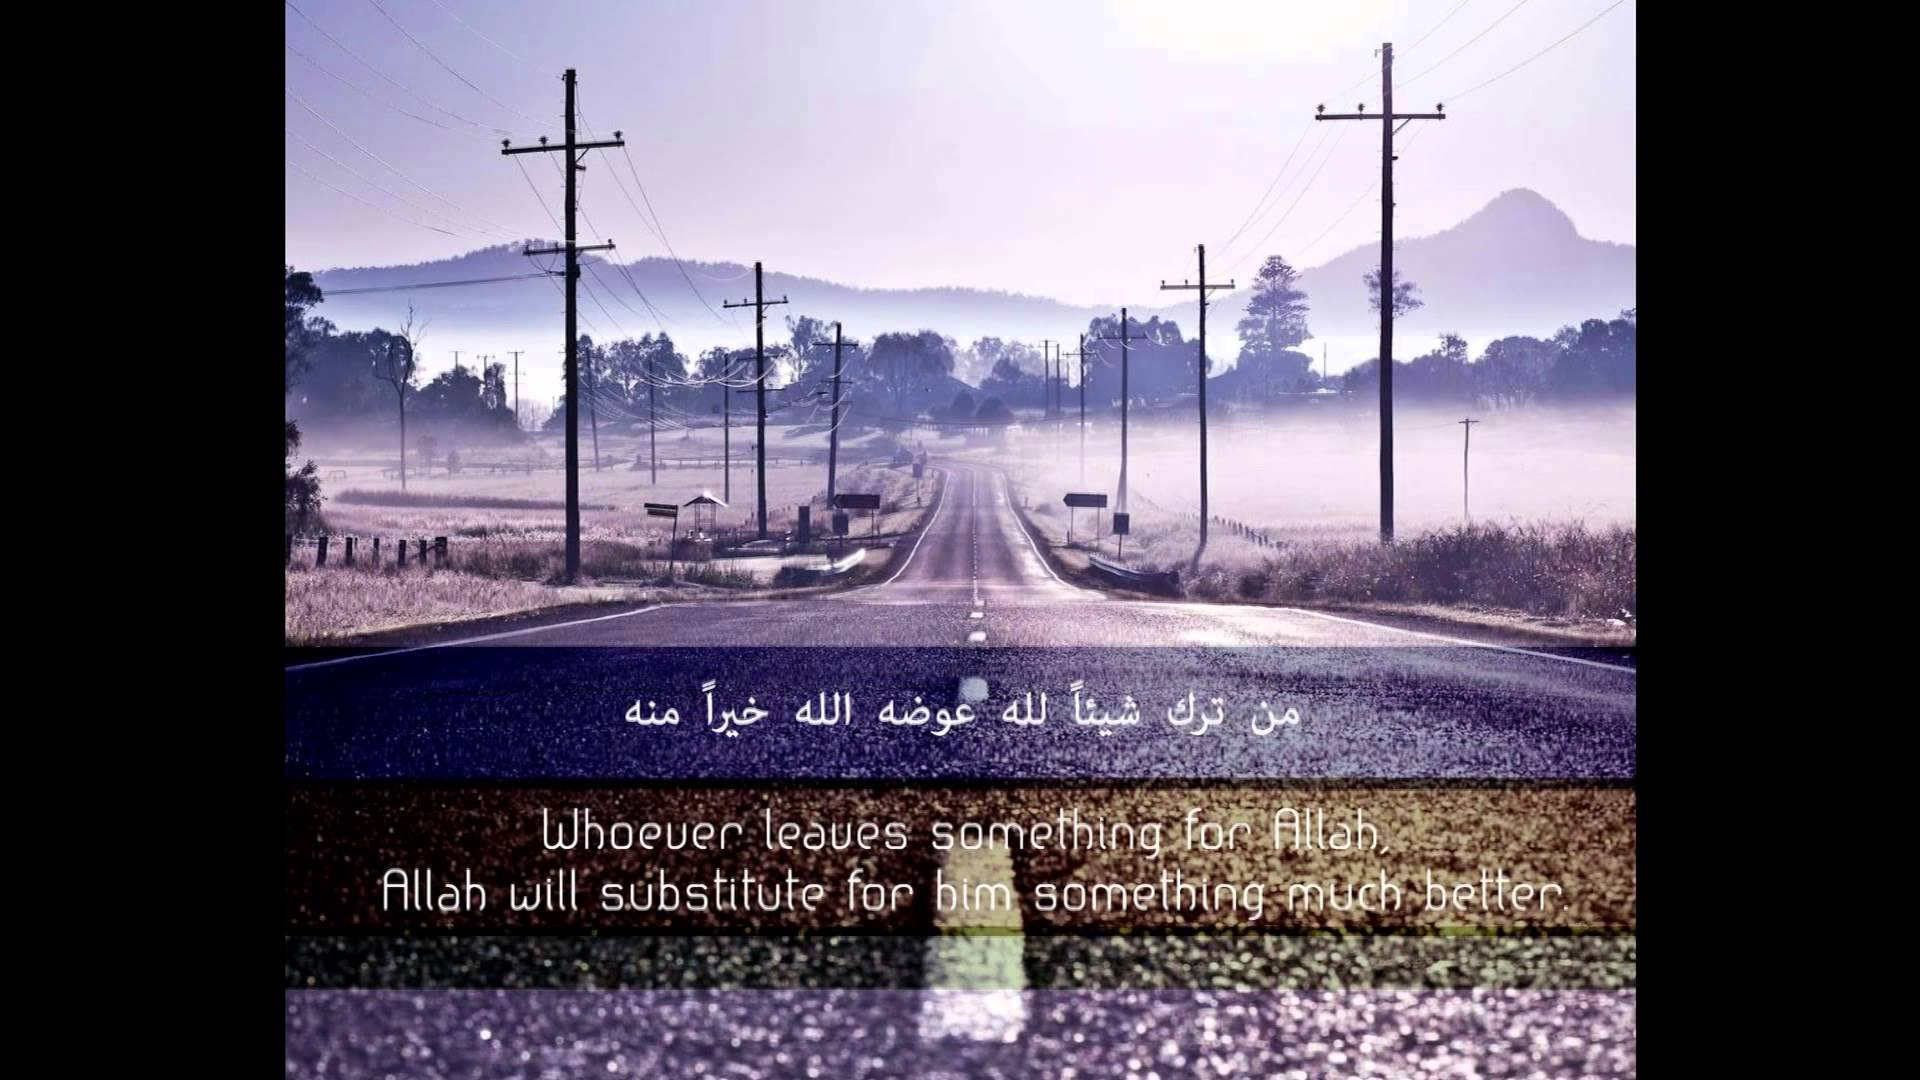 بالصور من ترك شيئا لله عوضه الله خيرا منه قصص 20160709 1335